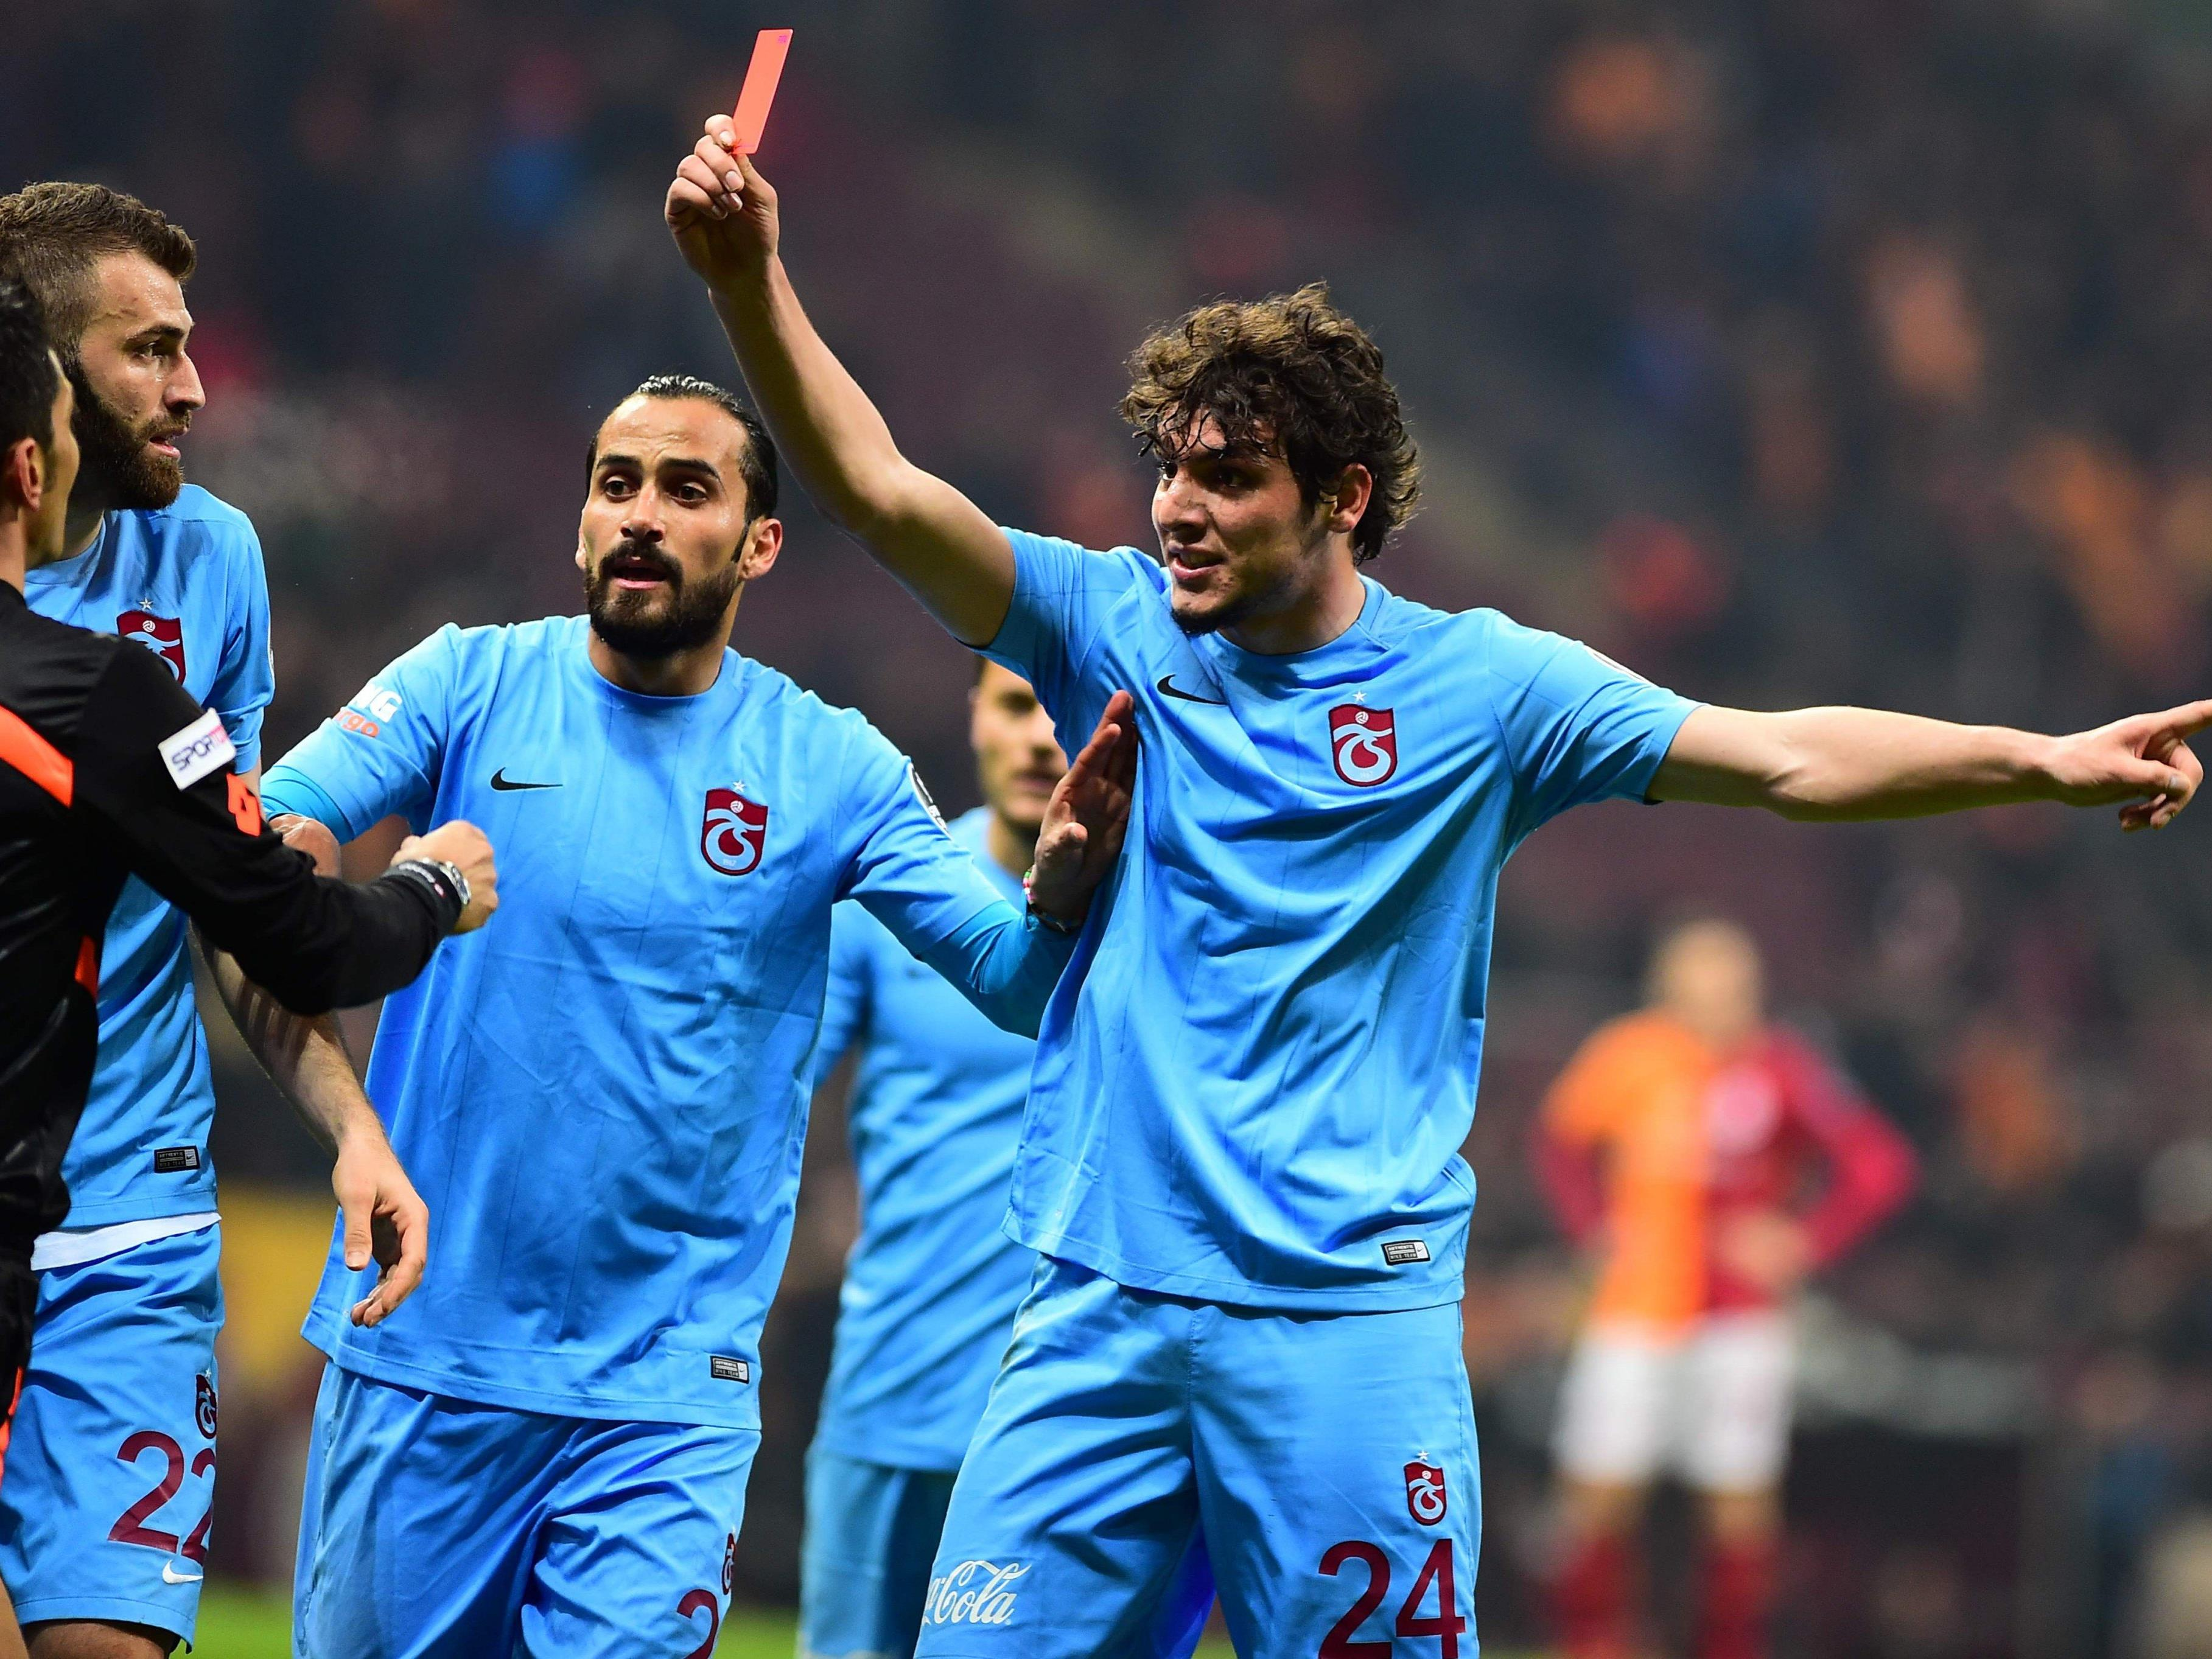 Vier Trabzonspor-Spieler wurden insgesamt des Platzes verwiesen.